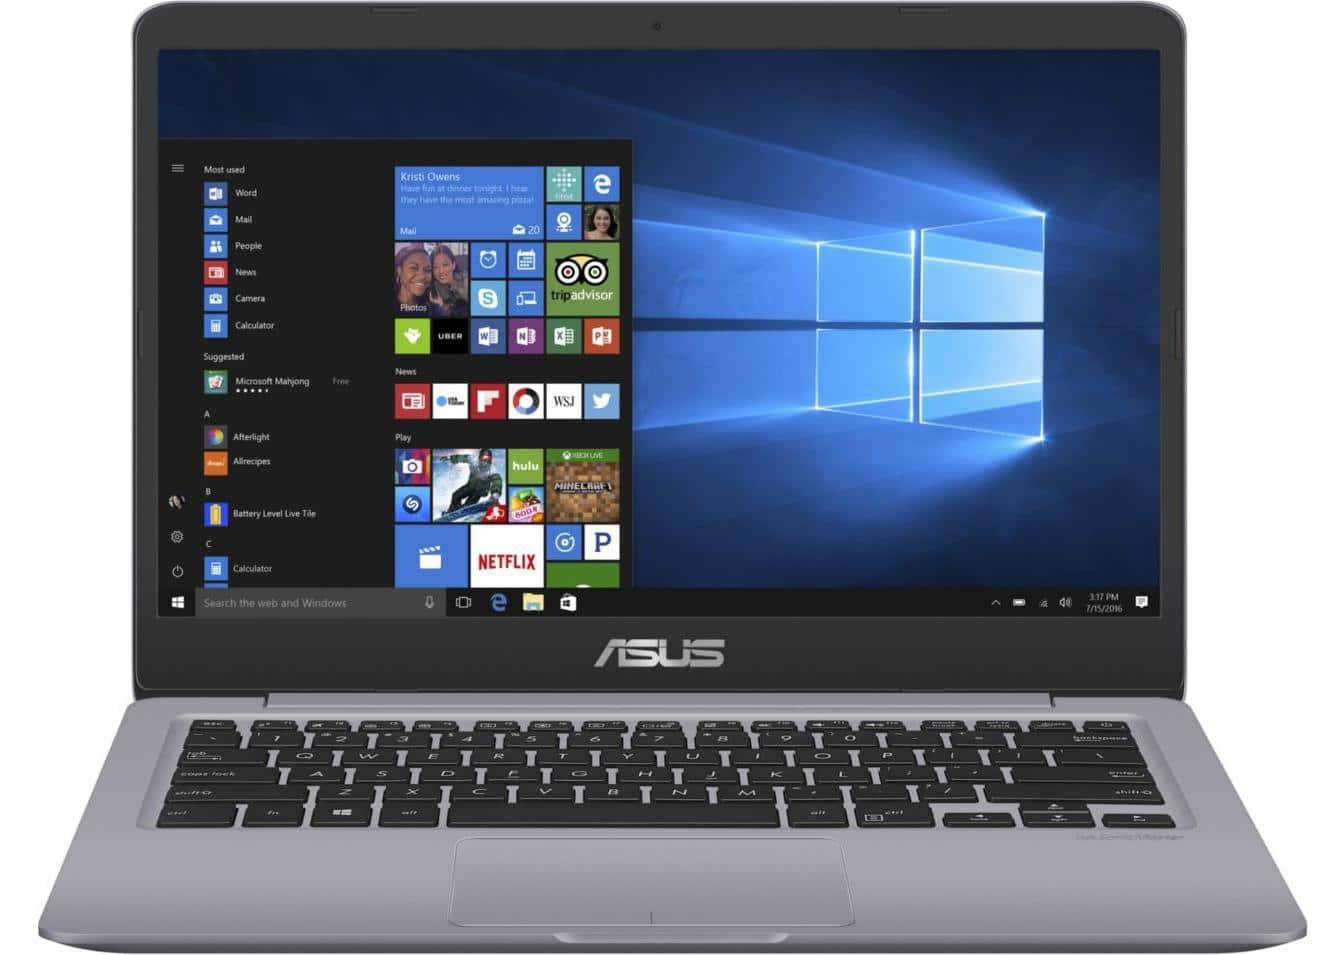 Asus VivoBook S401UA-BV810T, ultrabook 14 pouces SSD 128 Go Core i3 à 399€